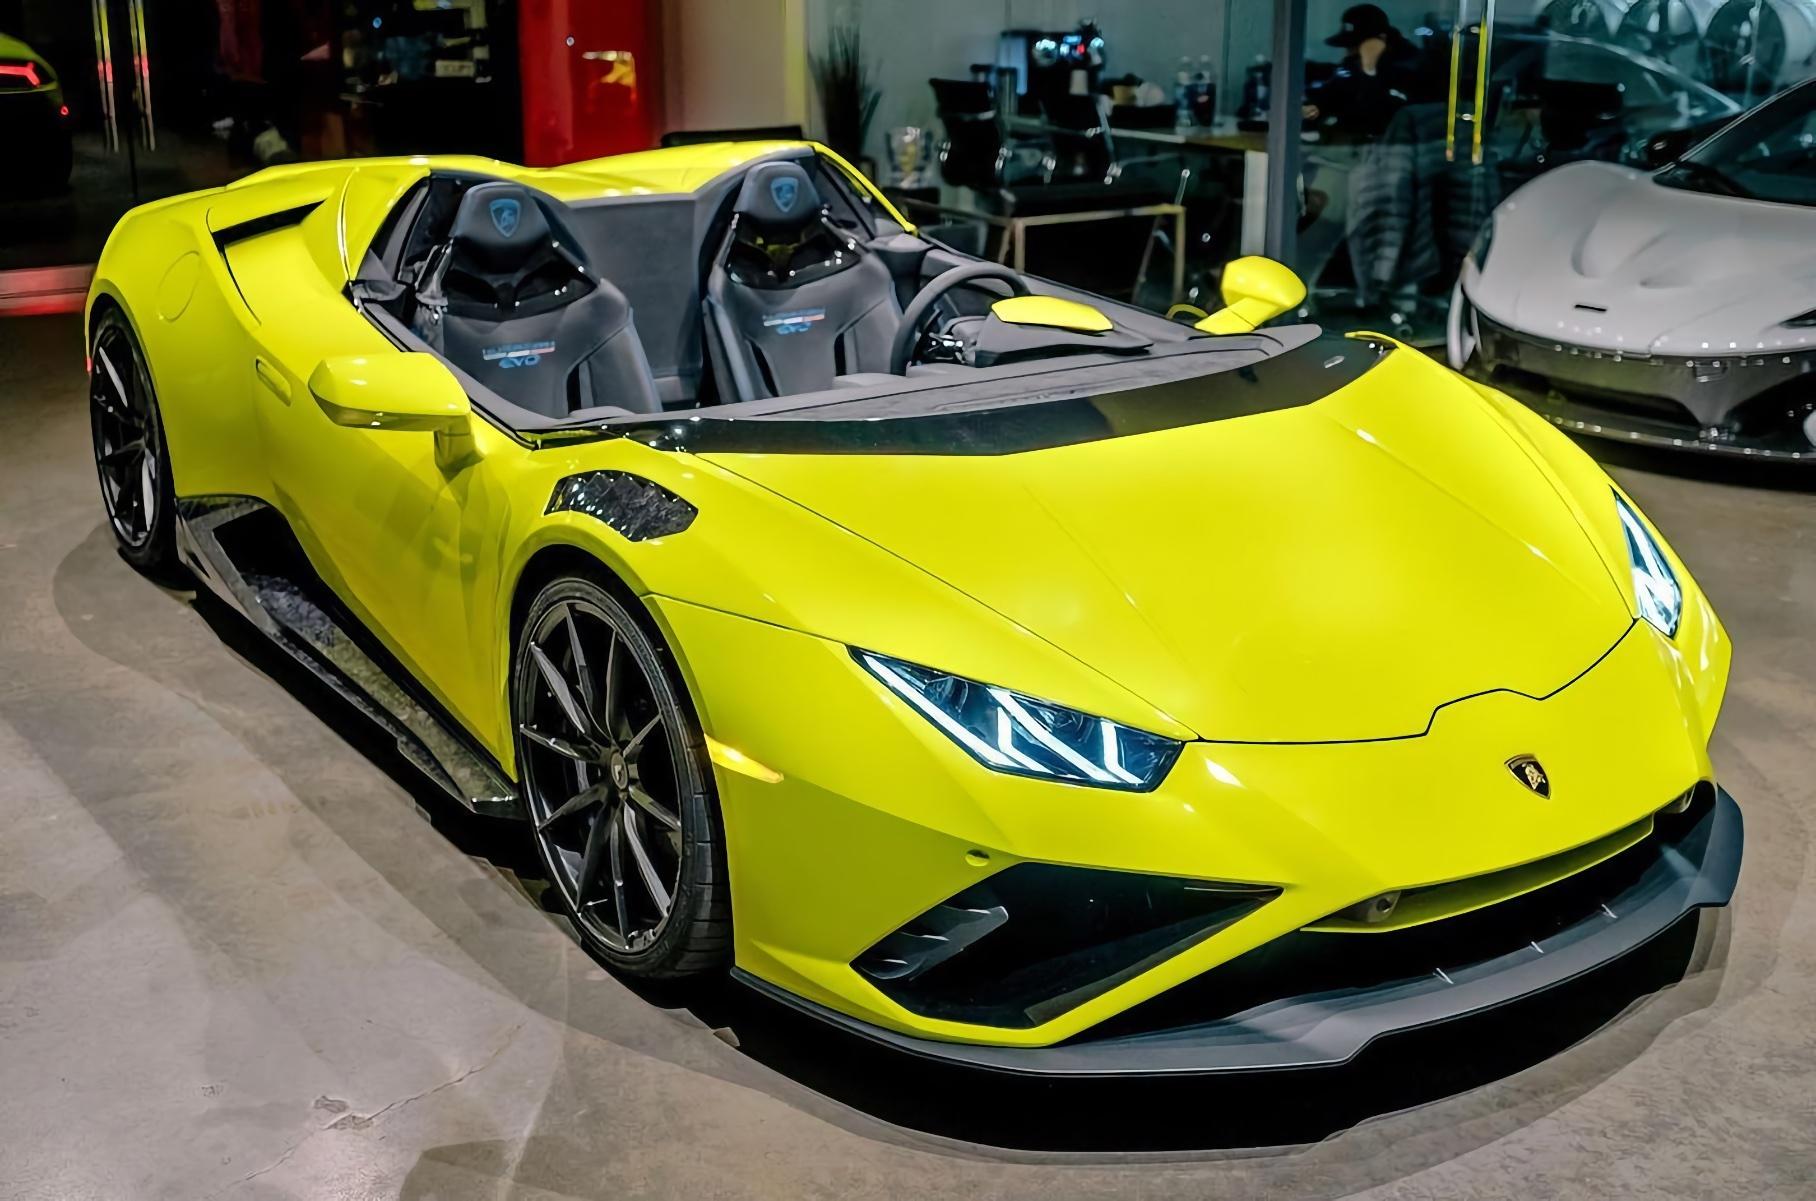 Lamborghini Huracan Evo превратили в экстремальный суперкар без лобового стекла